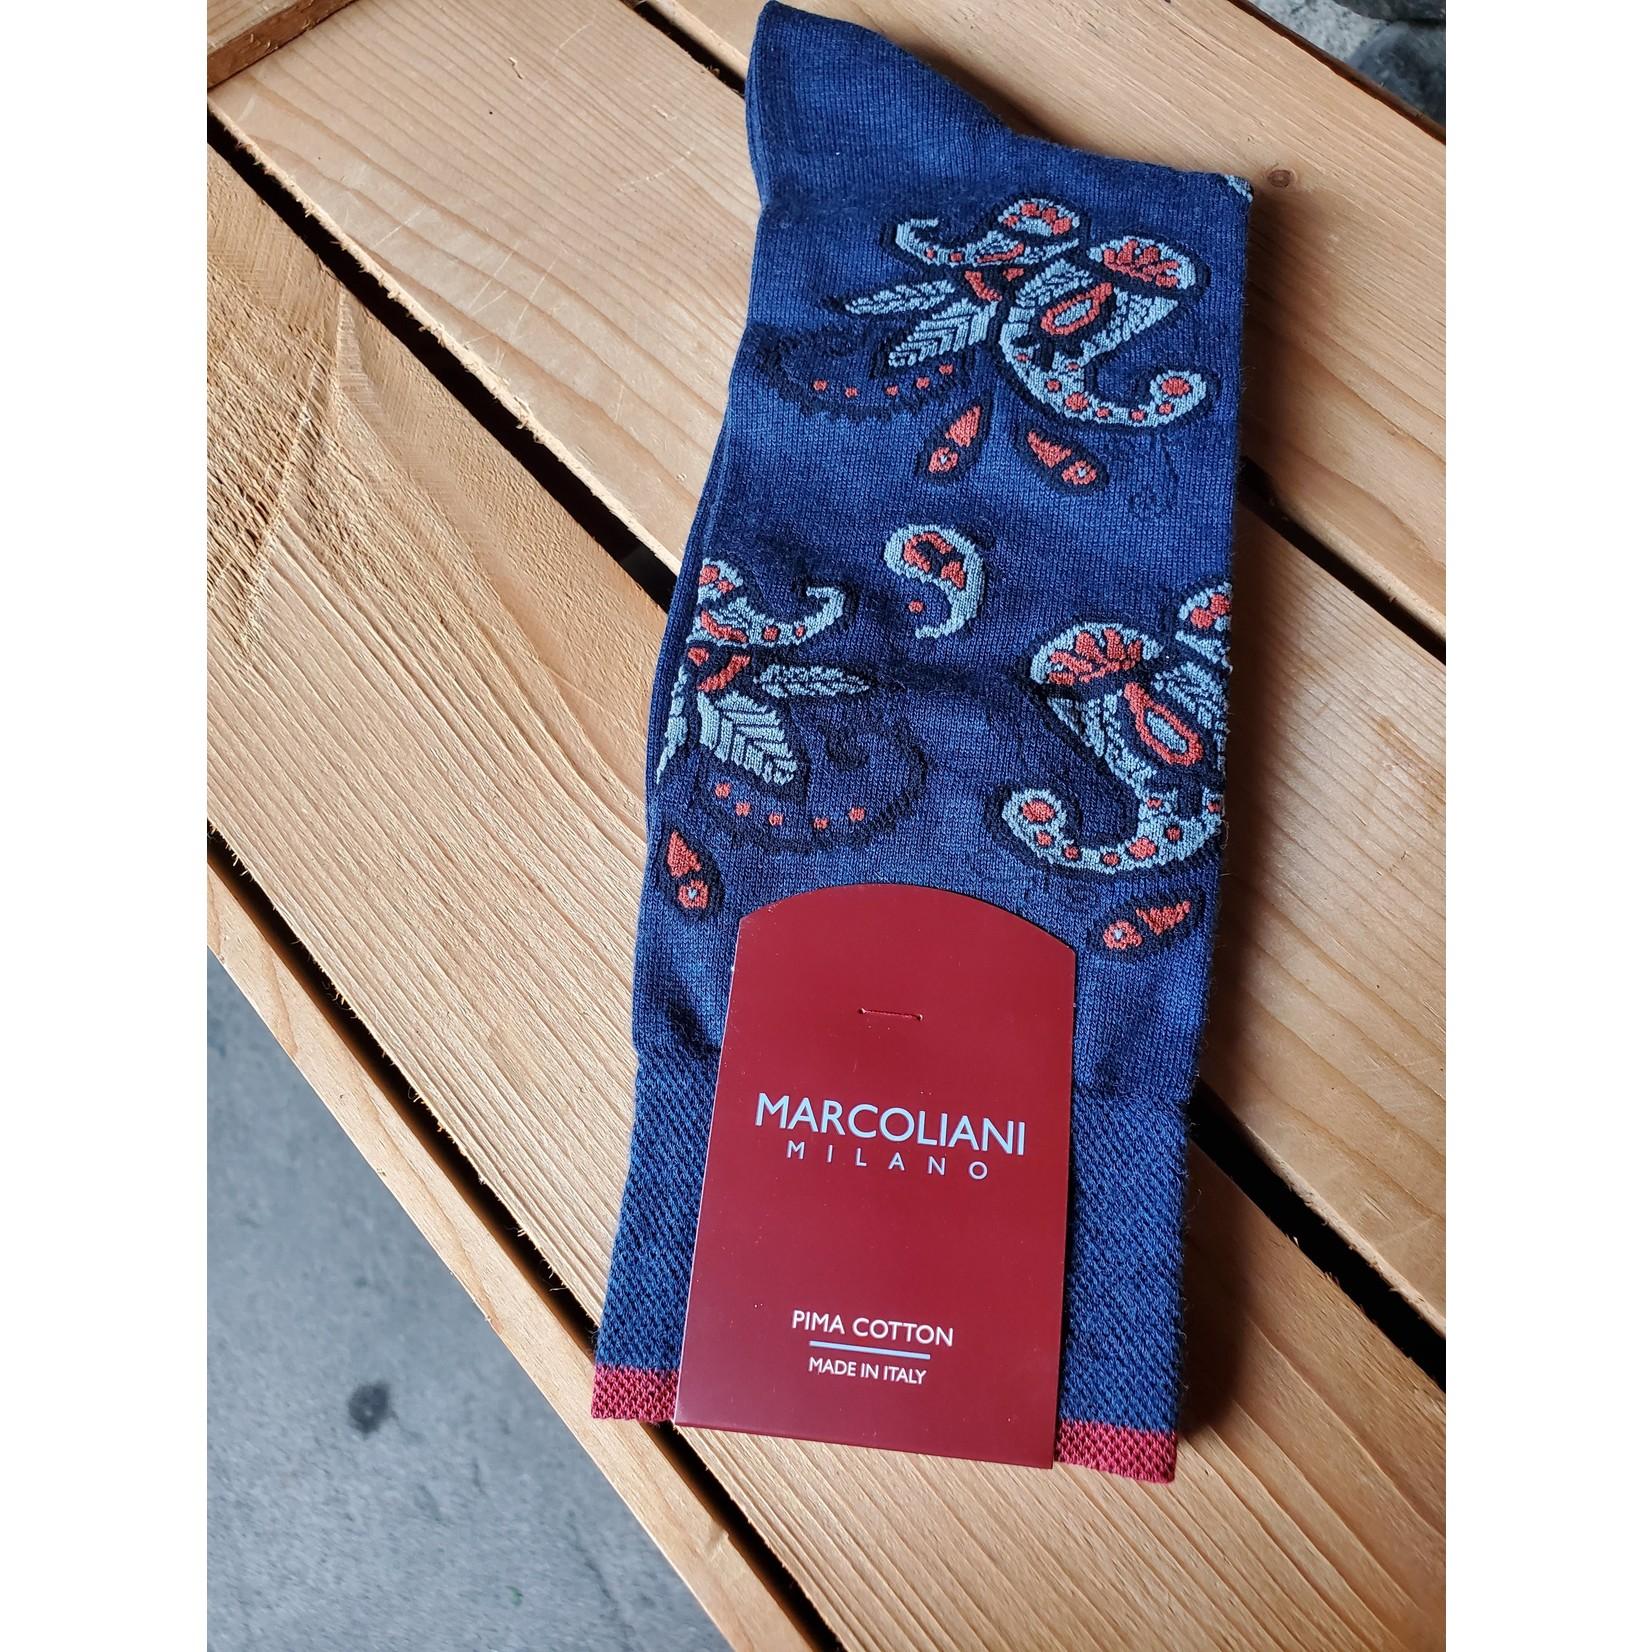 Marcoliani Marcoliani MAR4306T Pima Cotton Paisley 101 Dark Blue Denim